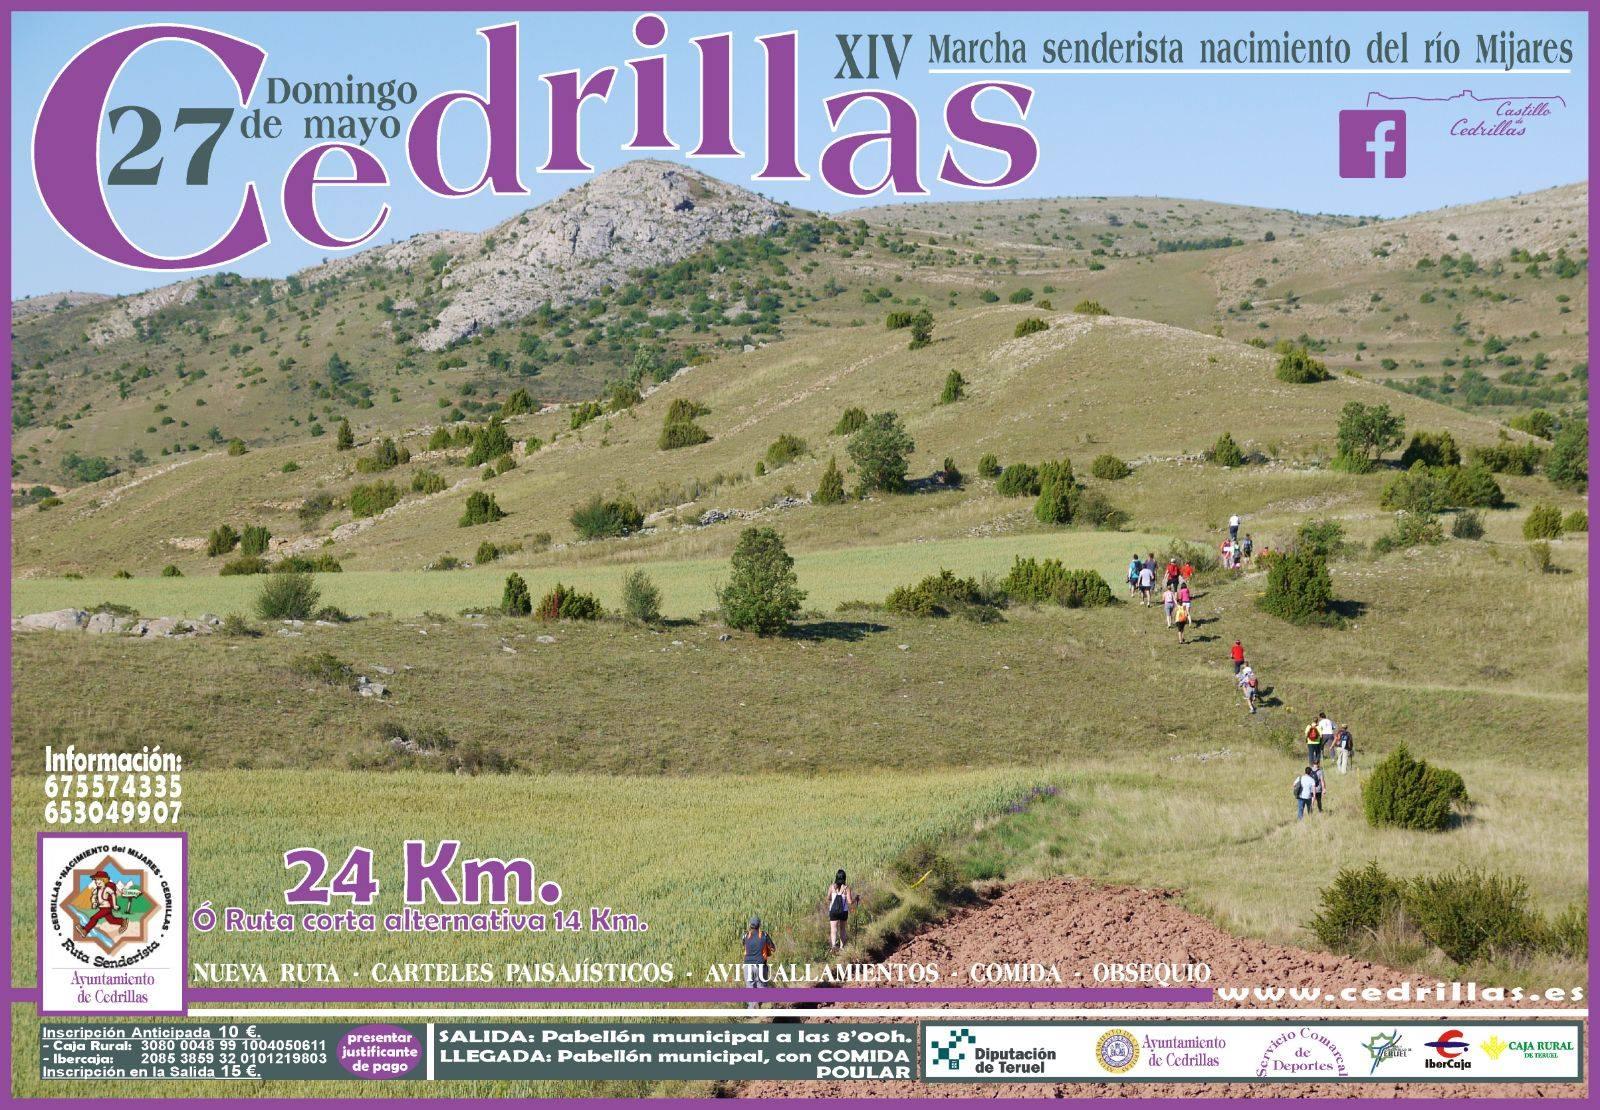 XIV Marcha senderista nacimiento del río Mijares